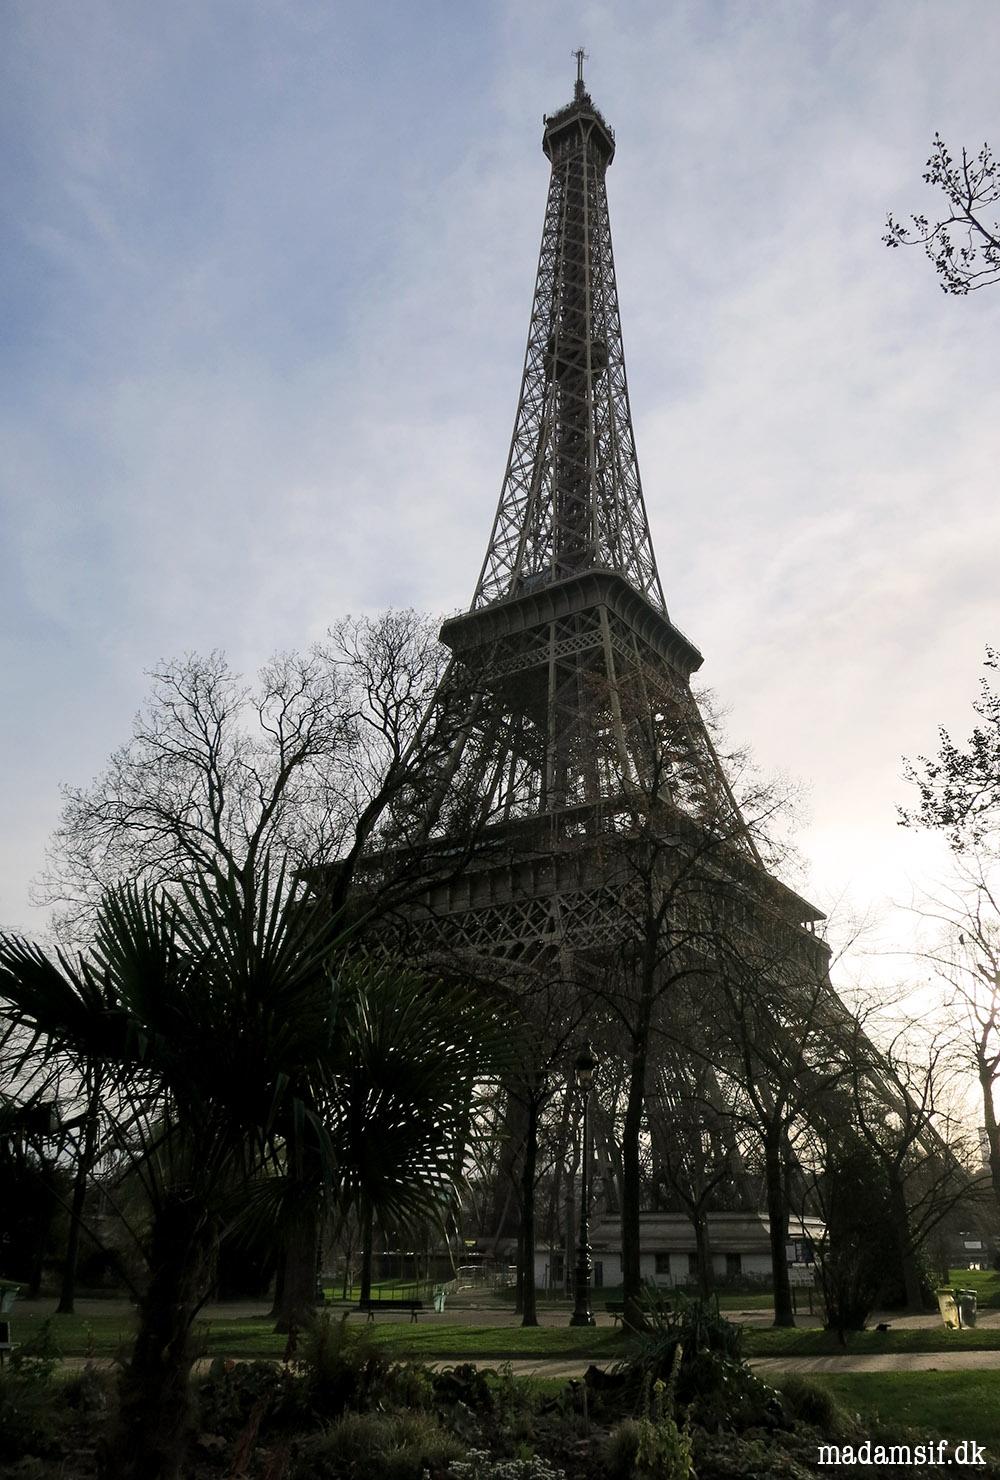 O Eiffeltårn, O Eiffeltårn, du virker noget vakkelvorn...